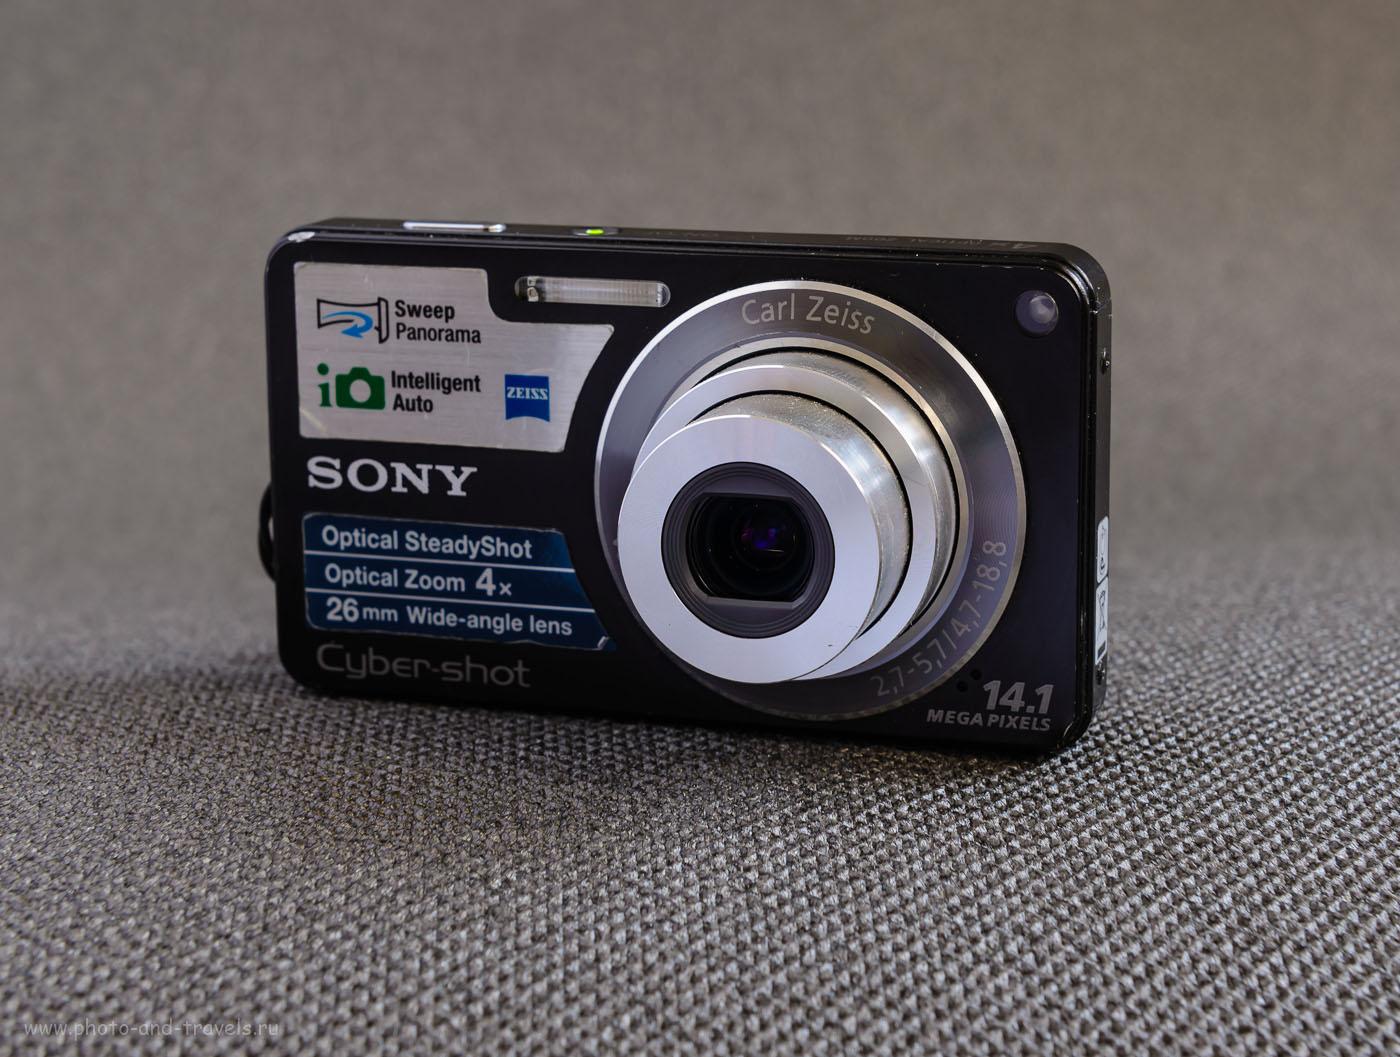 Фотография 5. Даже на объективе мыльницы SonyCyber-ShotDSC-W350 указано реальное фокусное расстояние, чтобы не возникало путаницы (ФР= 4,7-18,8 мм). Ознакомившись с техническими характеристиками на сайте производителя, можно выяснить, что эквивалентное фокусное у этой модели составляет 26-105 мм. Максимальная диафрагма меняется от f/2.7 на коротком конце до f/5.7 при полностью выдвинутом тубусе.